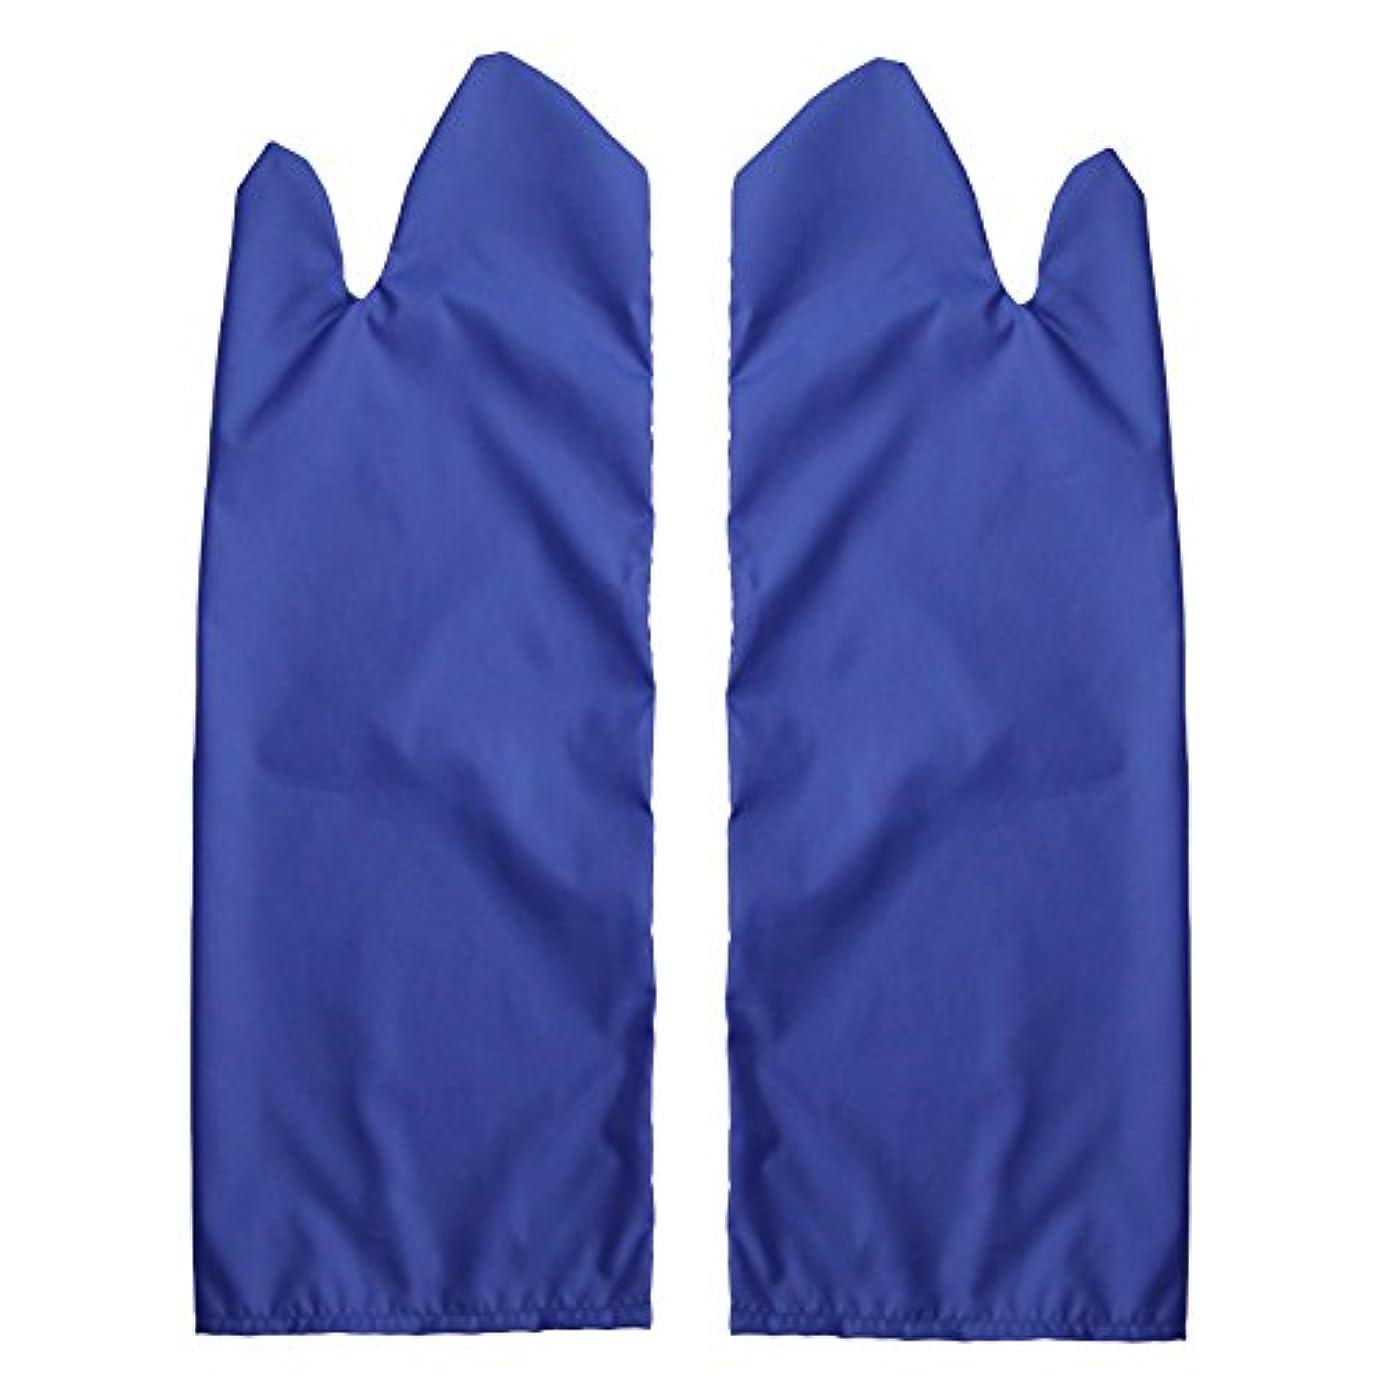 気候ブラウン不安定な体位変換用スライディンググローブ 撥水(ブルー) S /7-3681-02